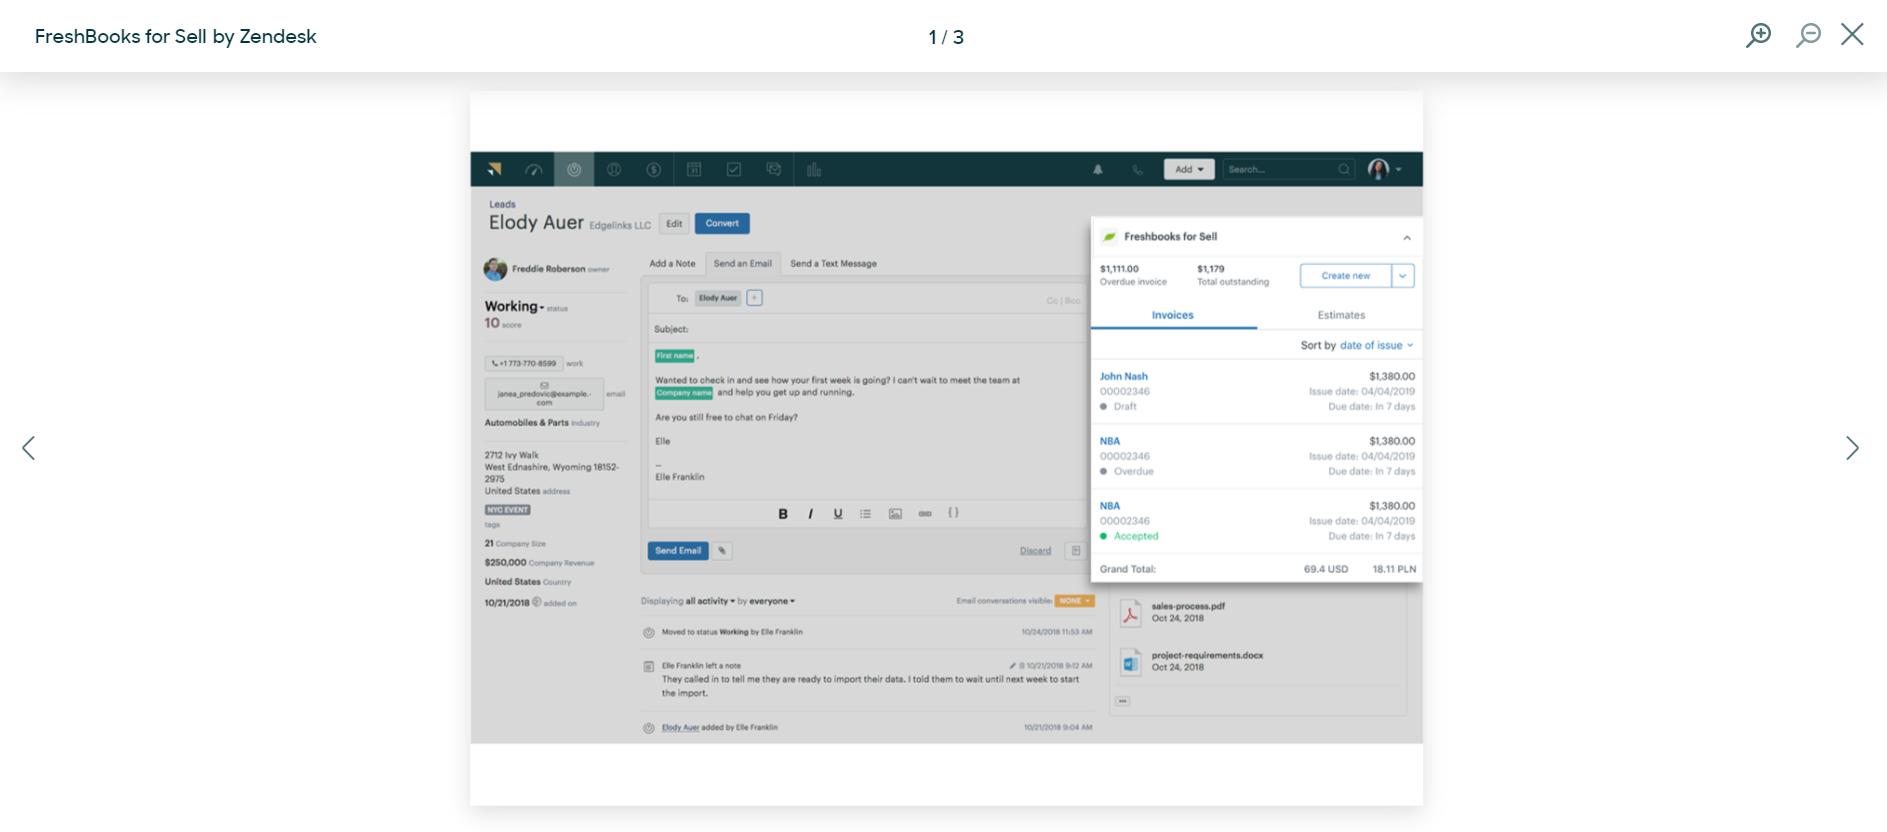 Zendesk integrations: FreshBooks for Sell